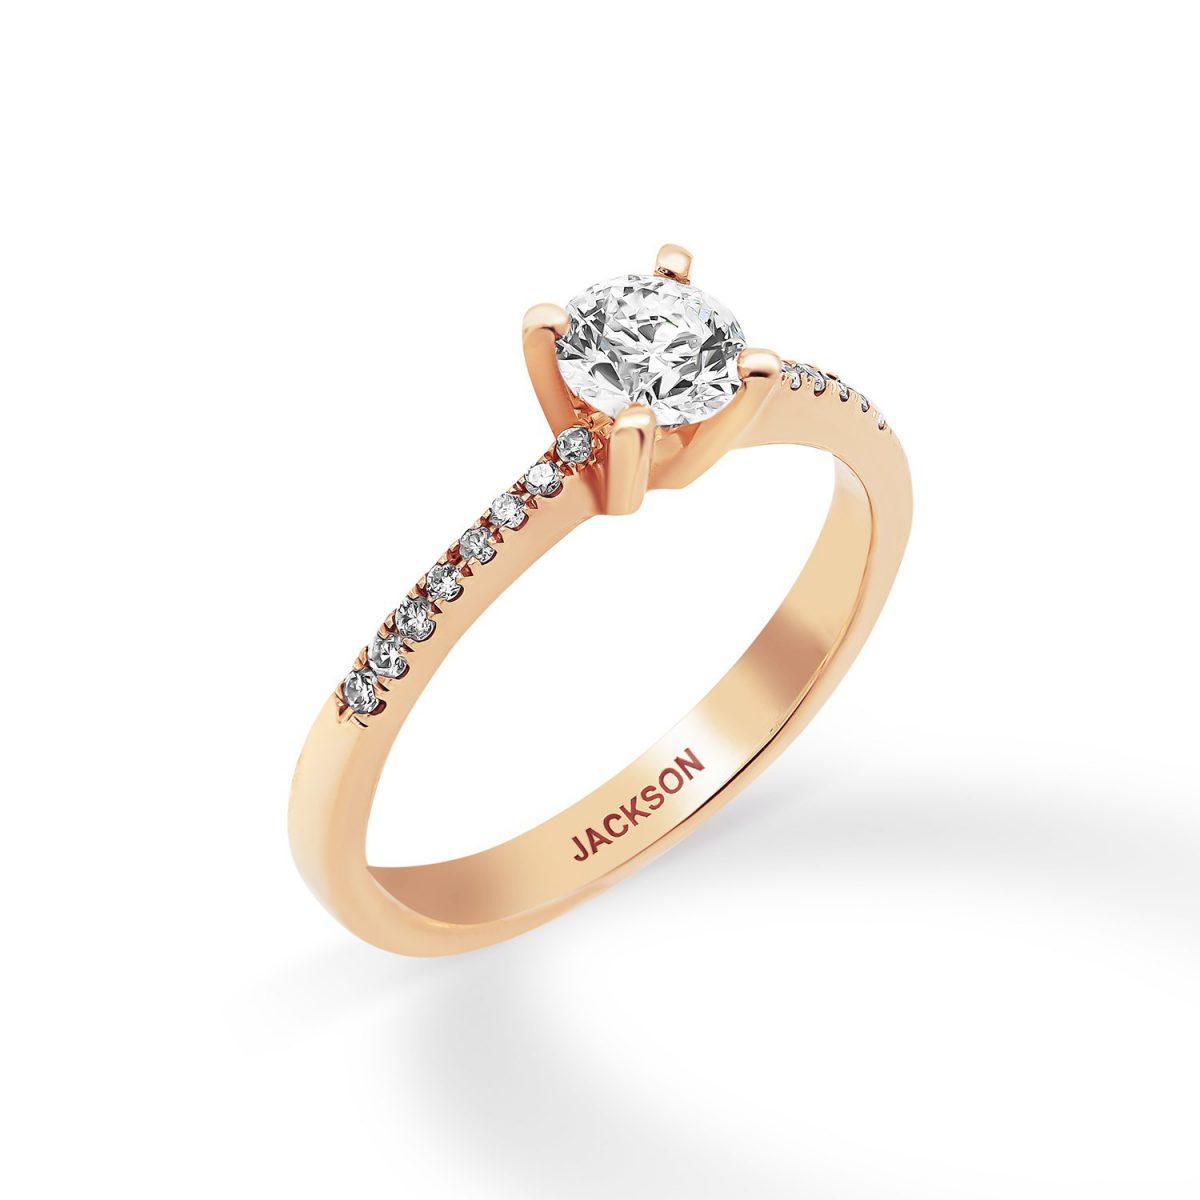 טבעת אירוסין כריסטינה - זהב אדום